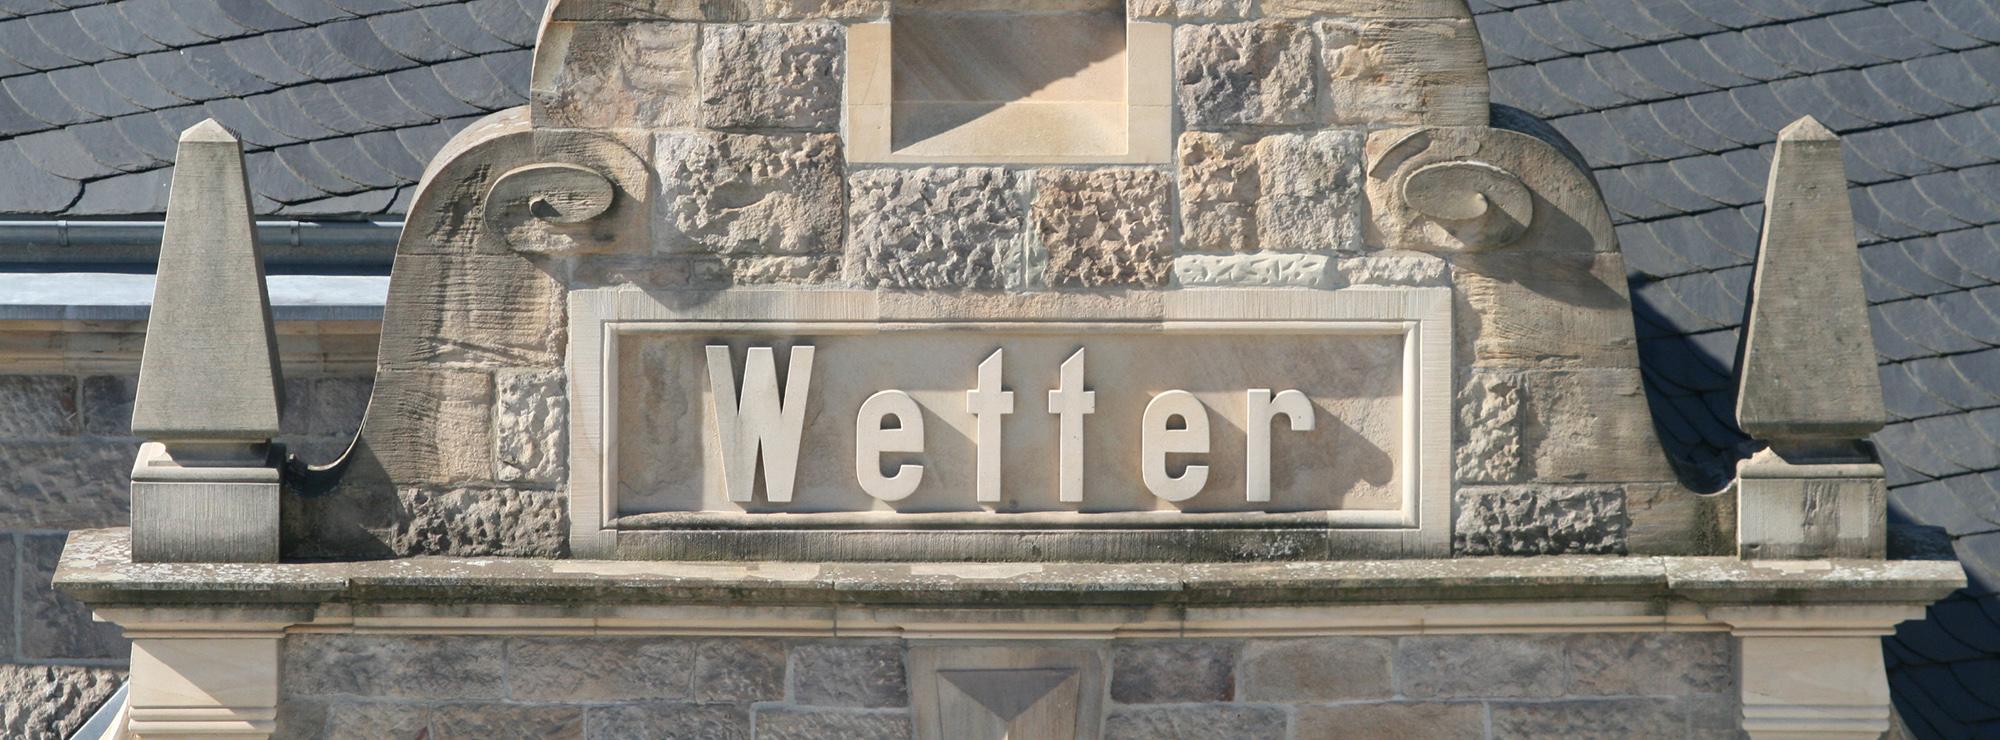 ppas Wetter Bahnhof